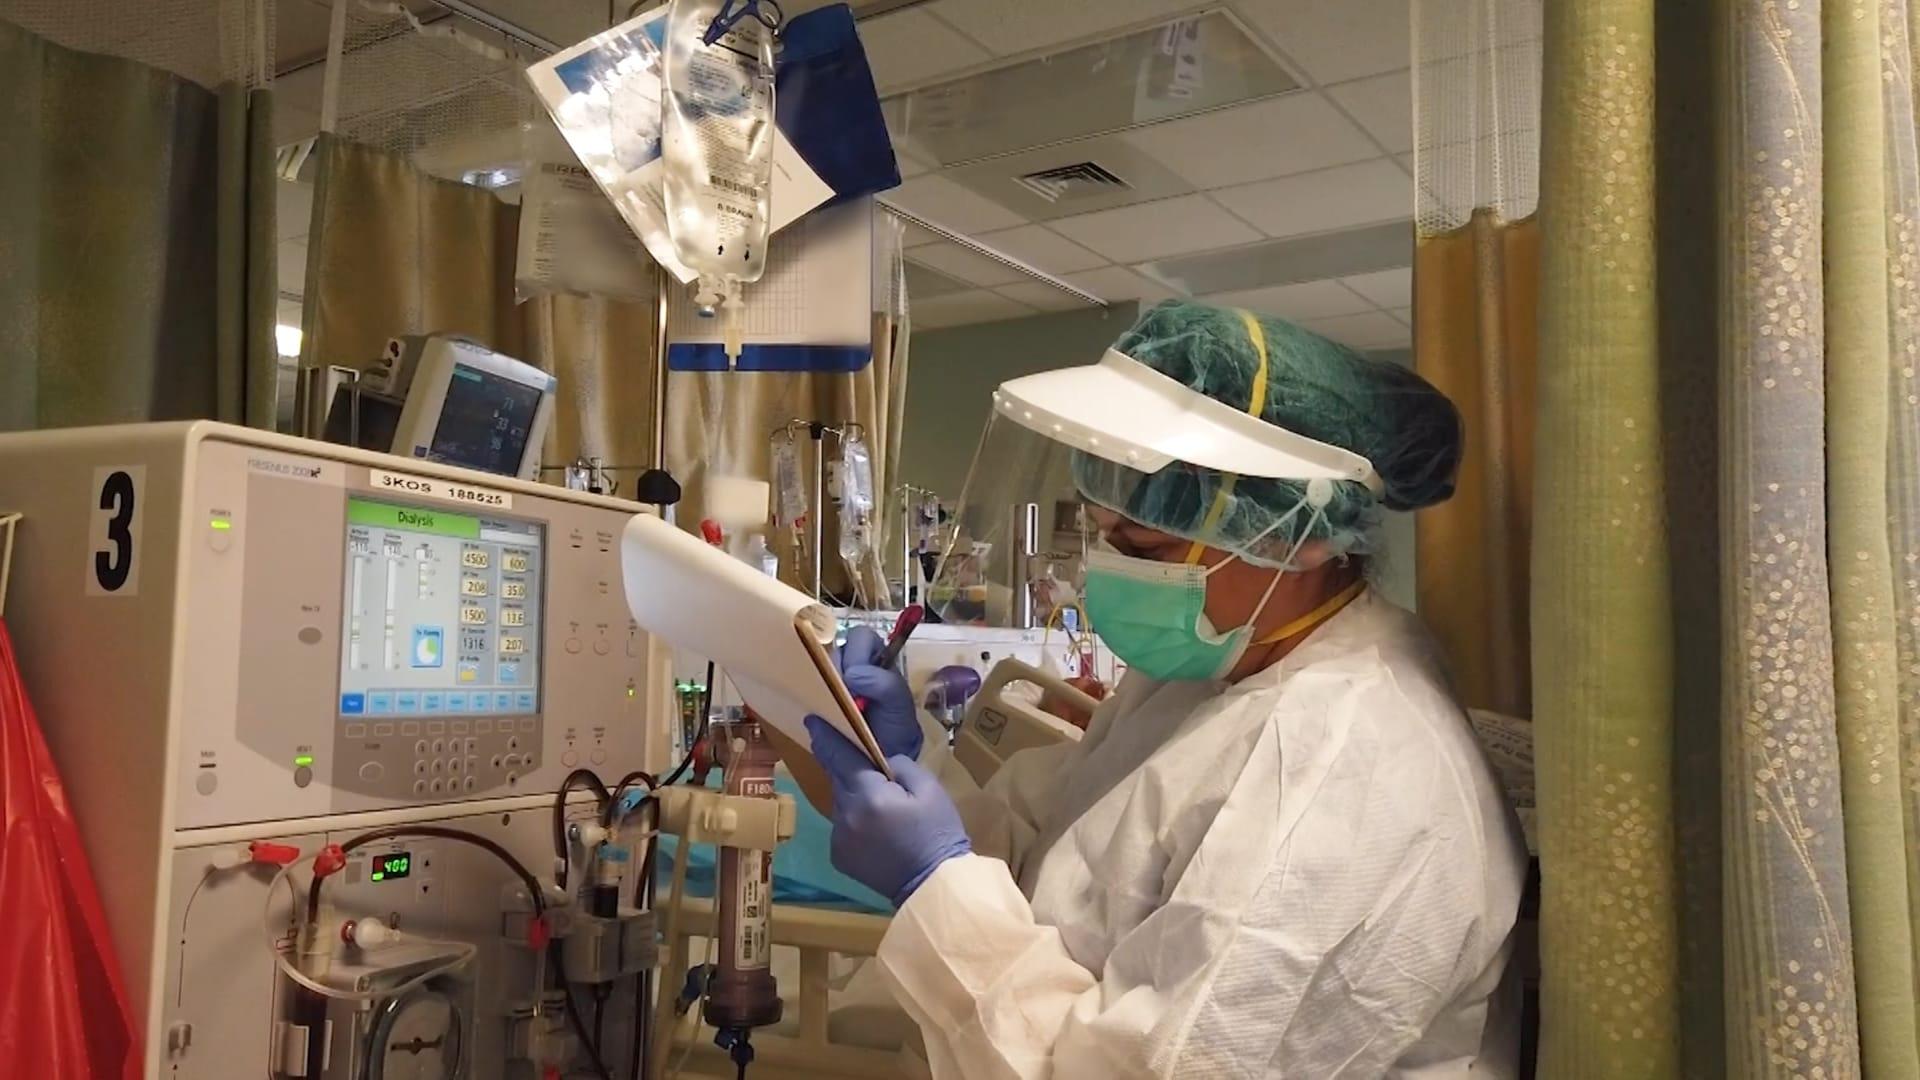 الفاتورة قد تصل 300 ألف دولار.. كم تبلغ تكلفة العلاج من كورونا في مستشفيات أمريكا؟